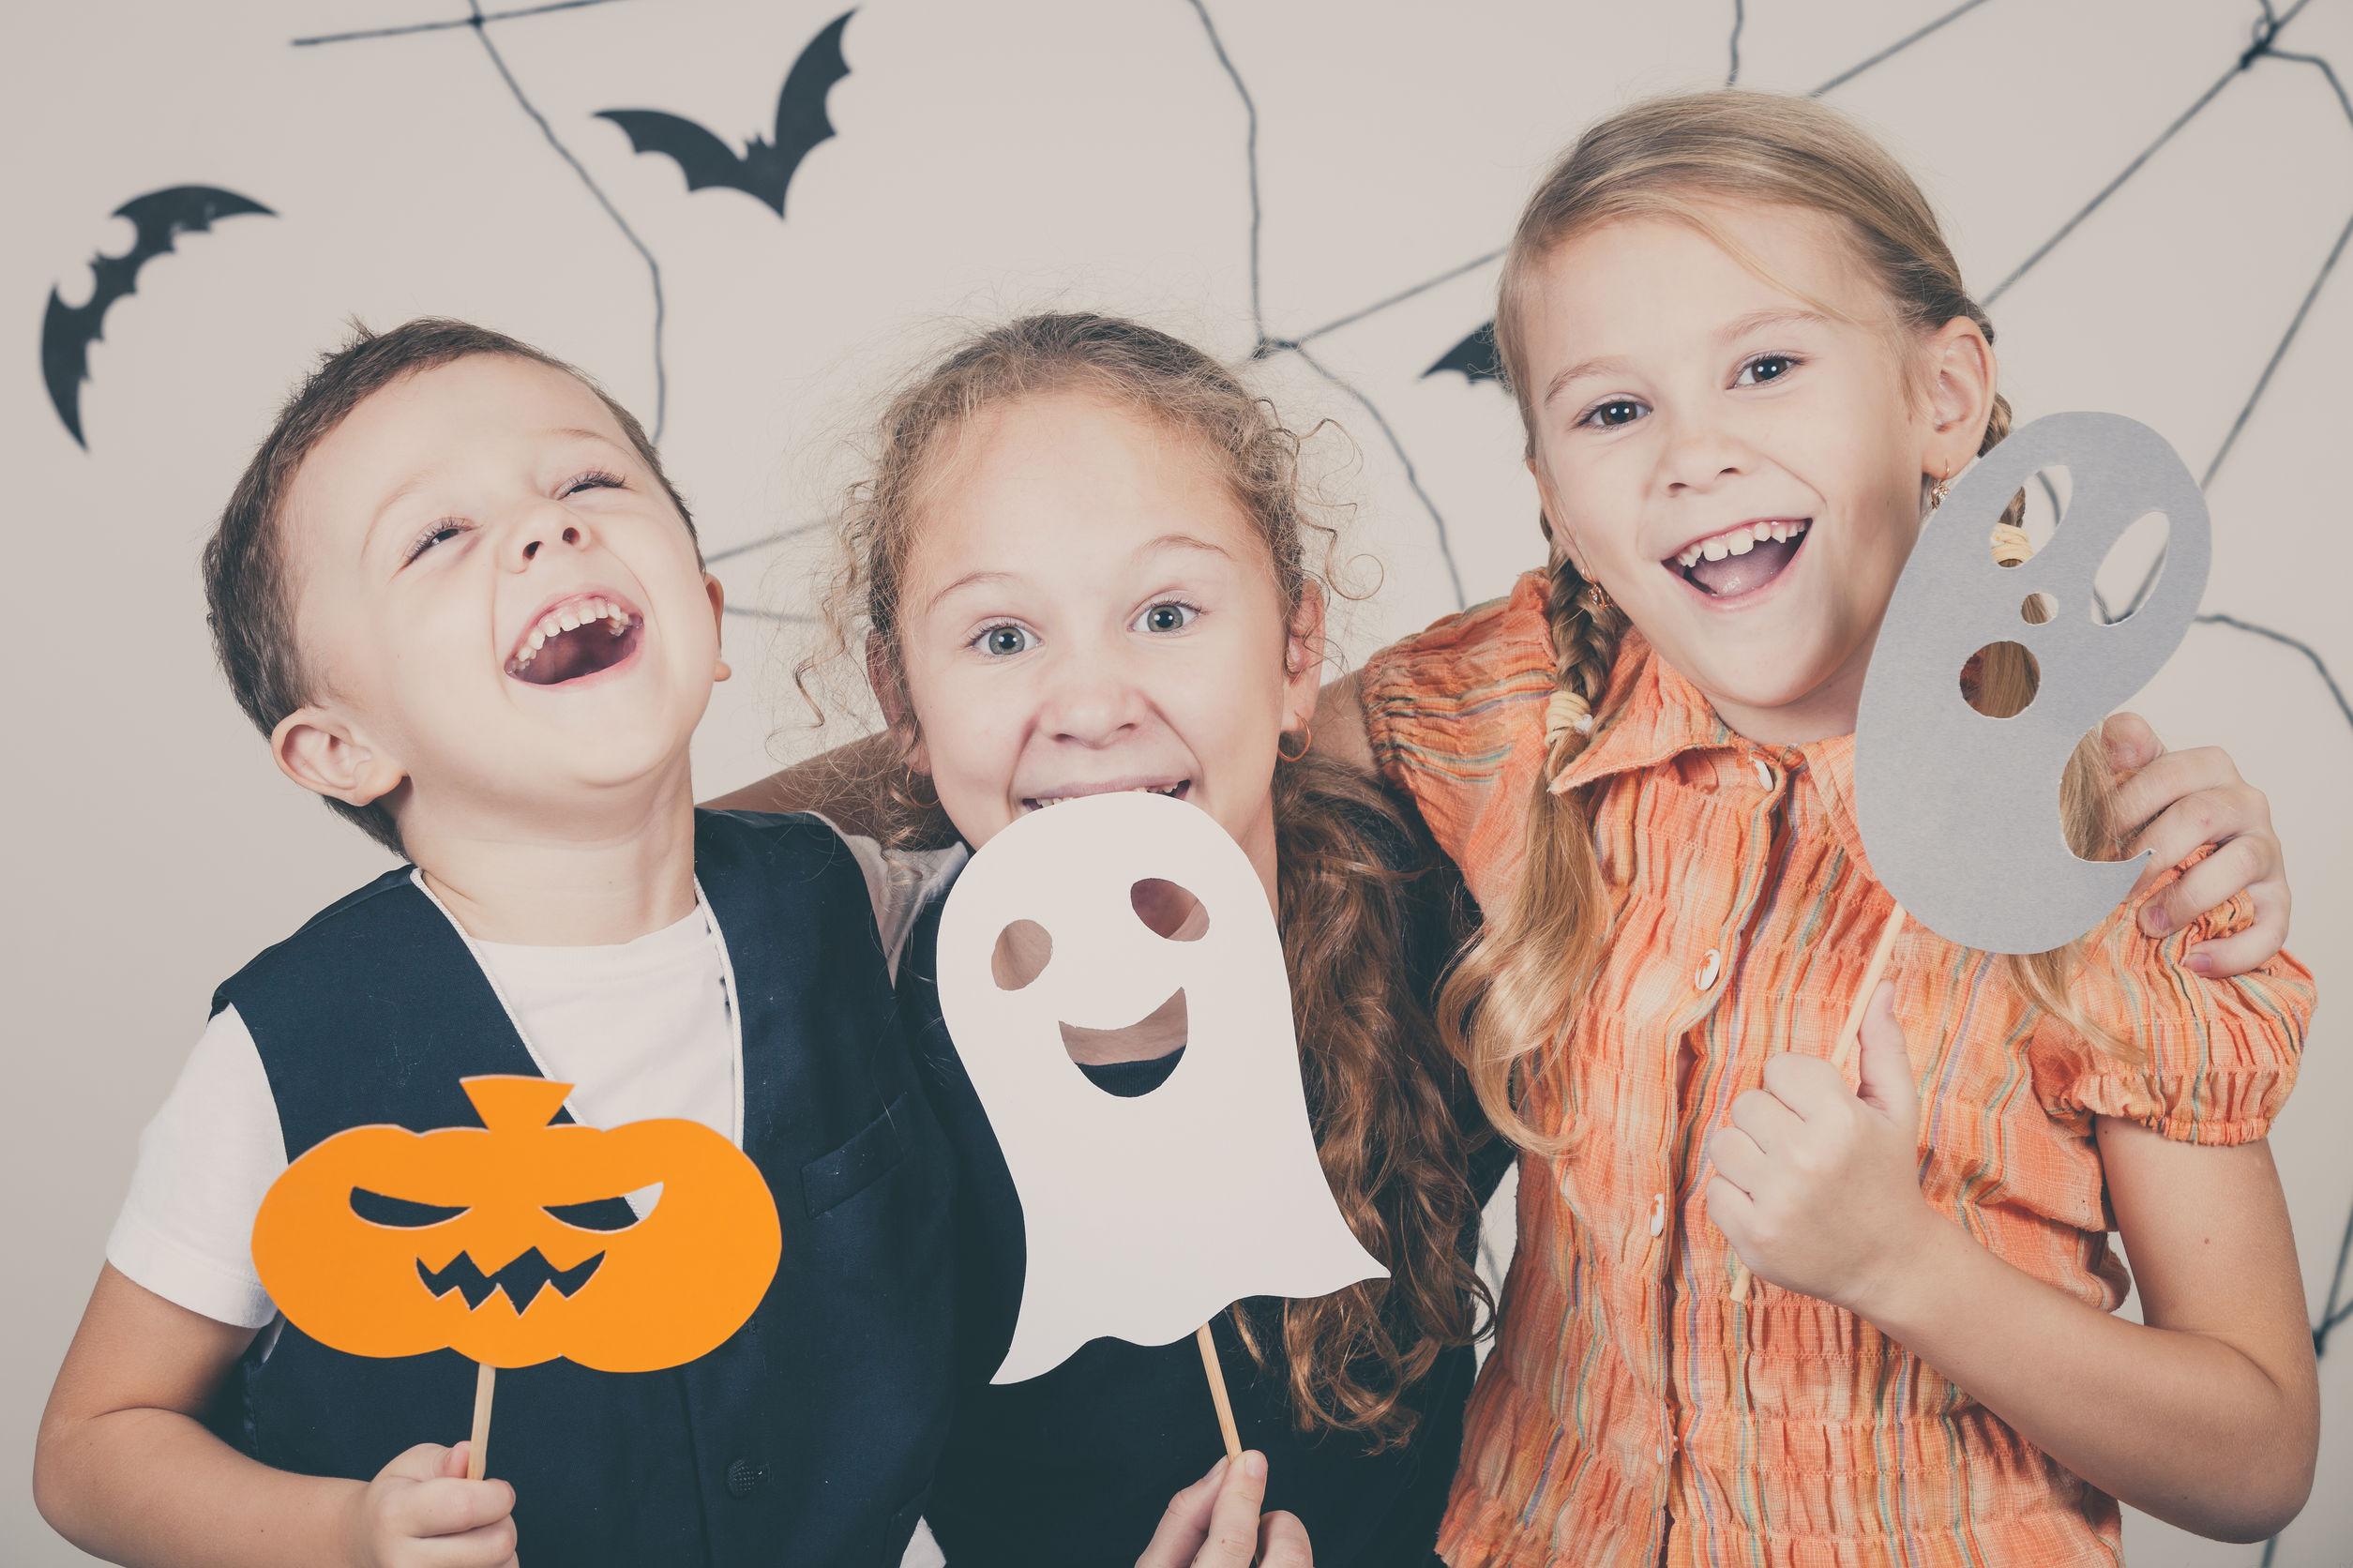 Tres niños preparados para una fiesta de Halloween.